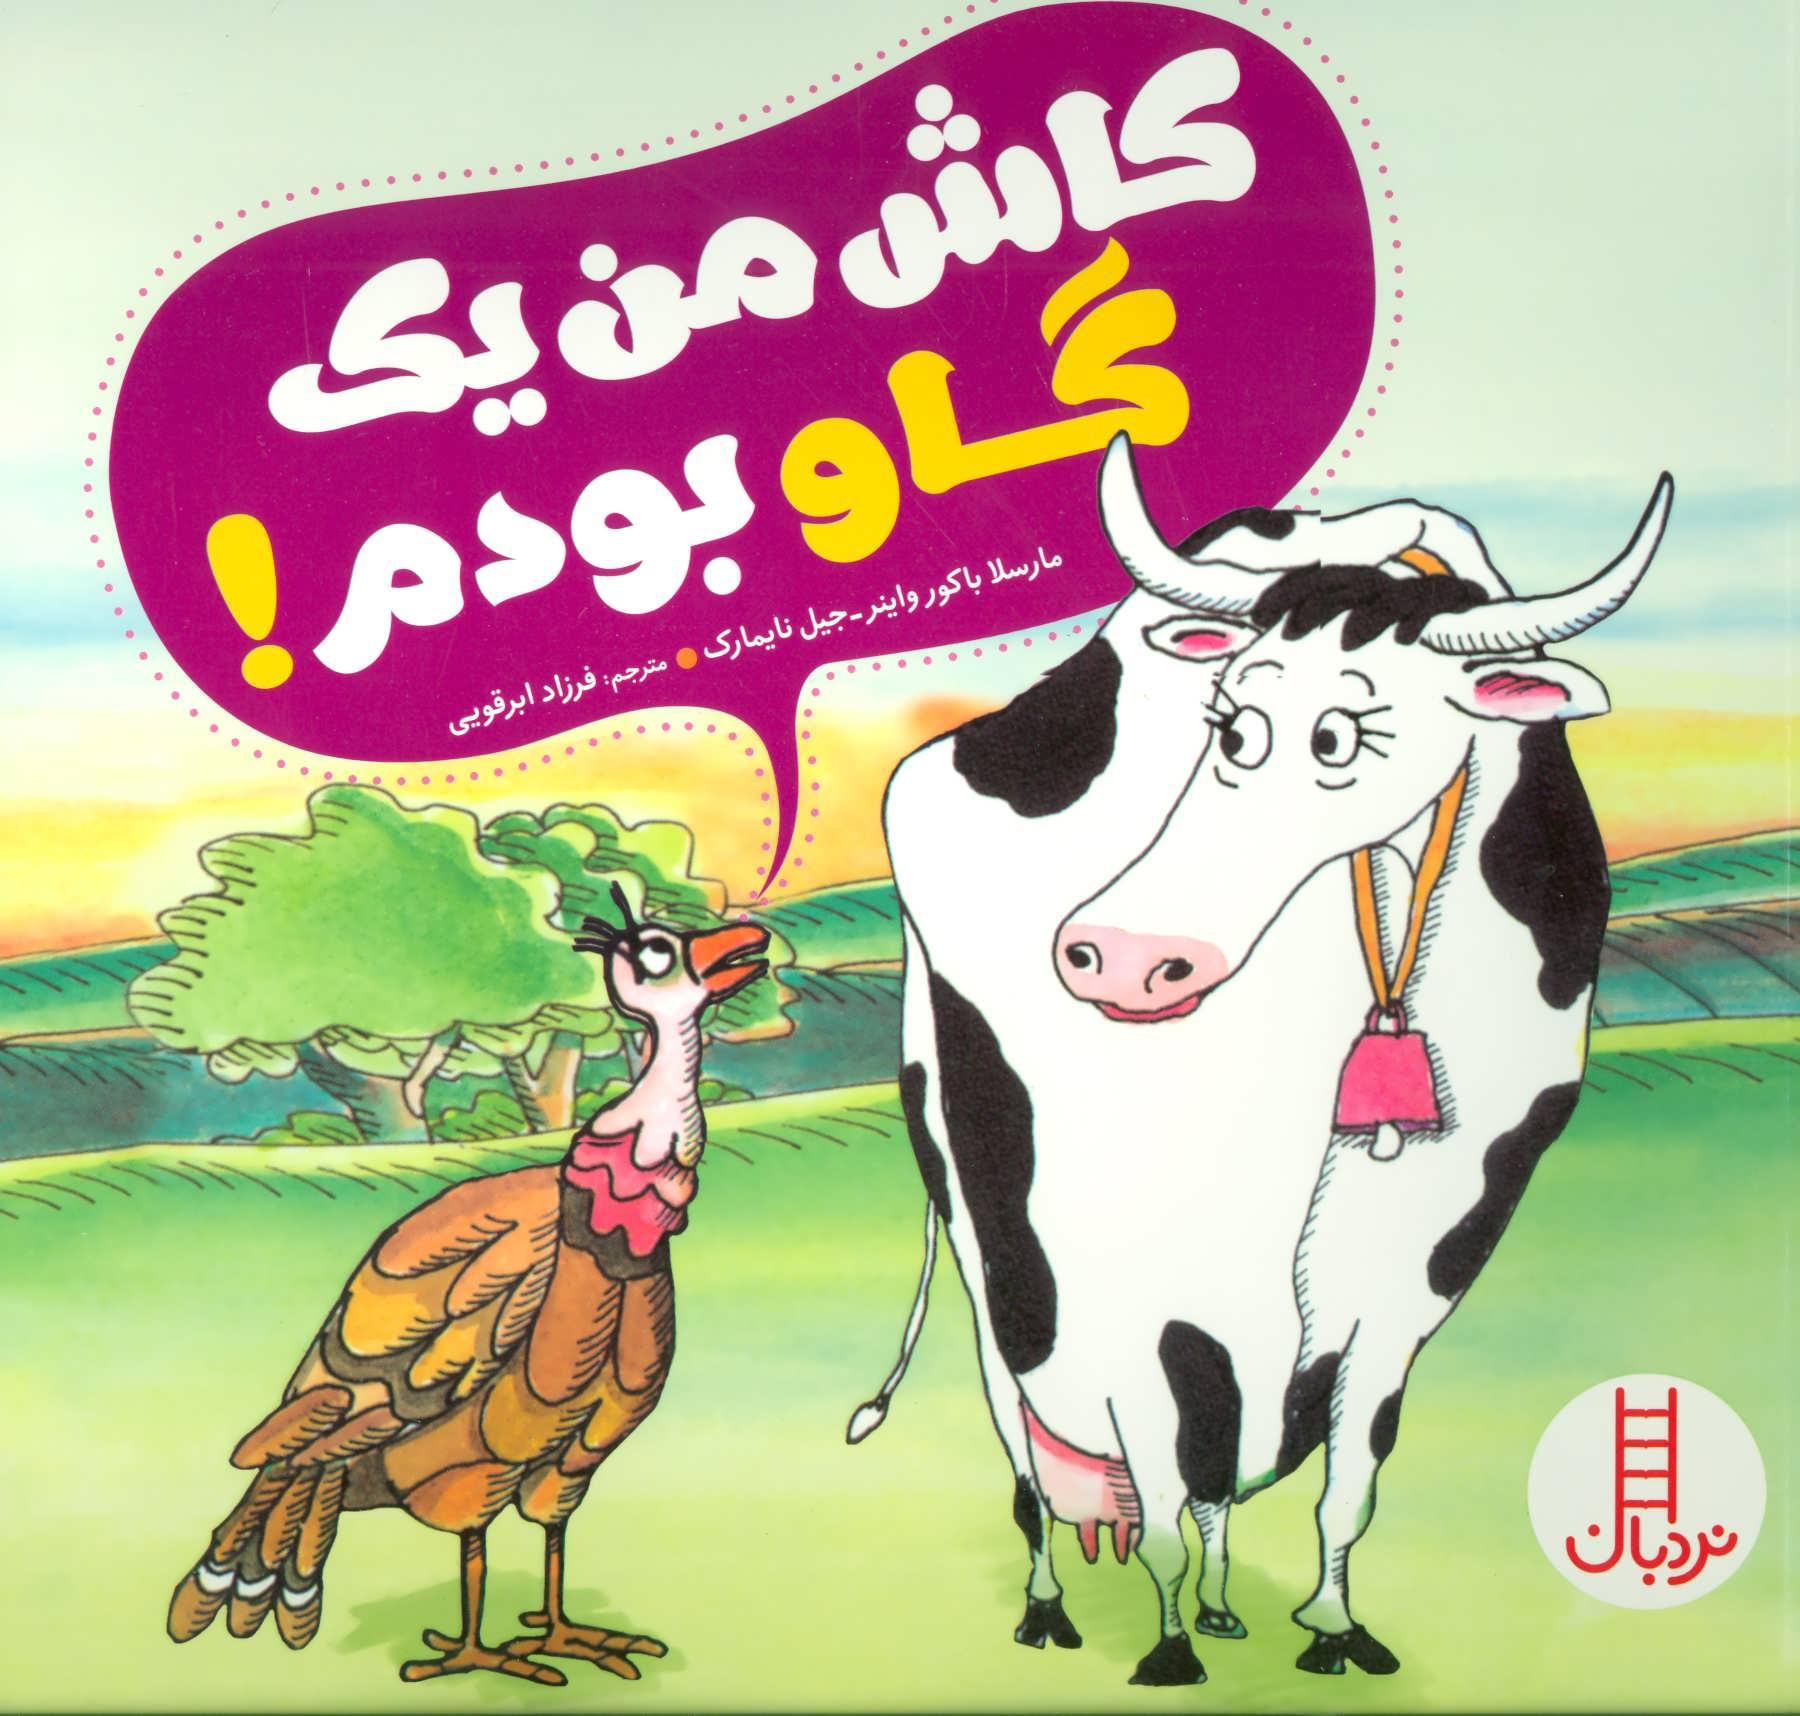 کاش من یک گاو بودم! (گلاسه)